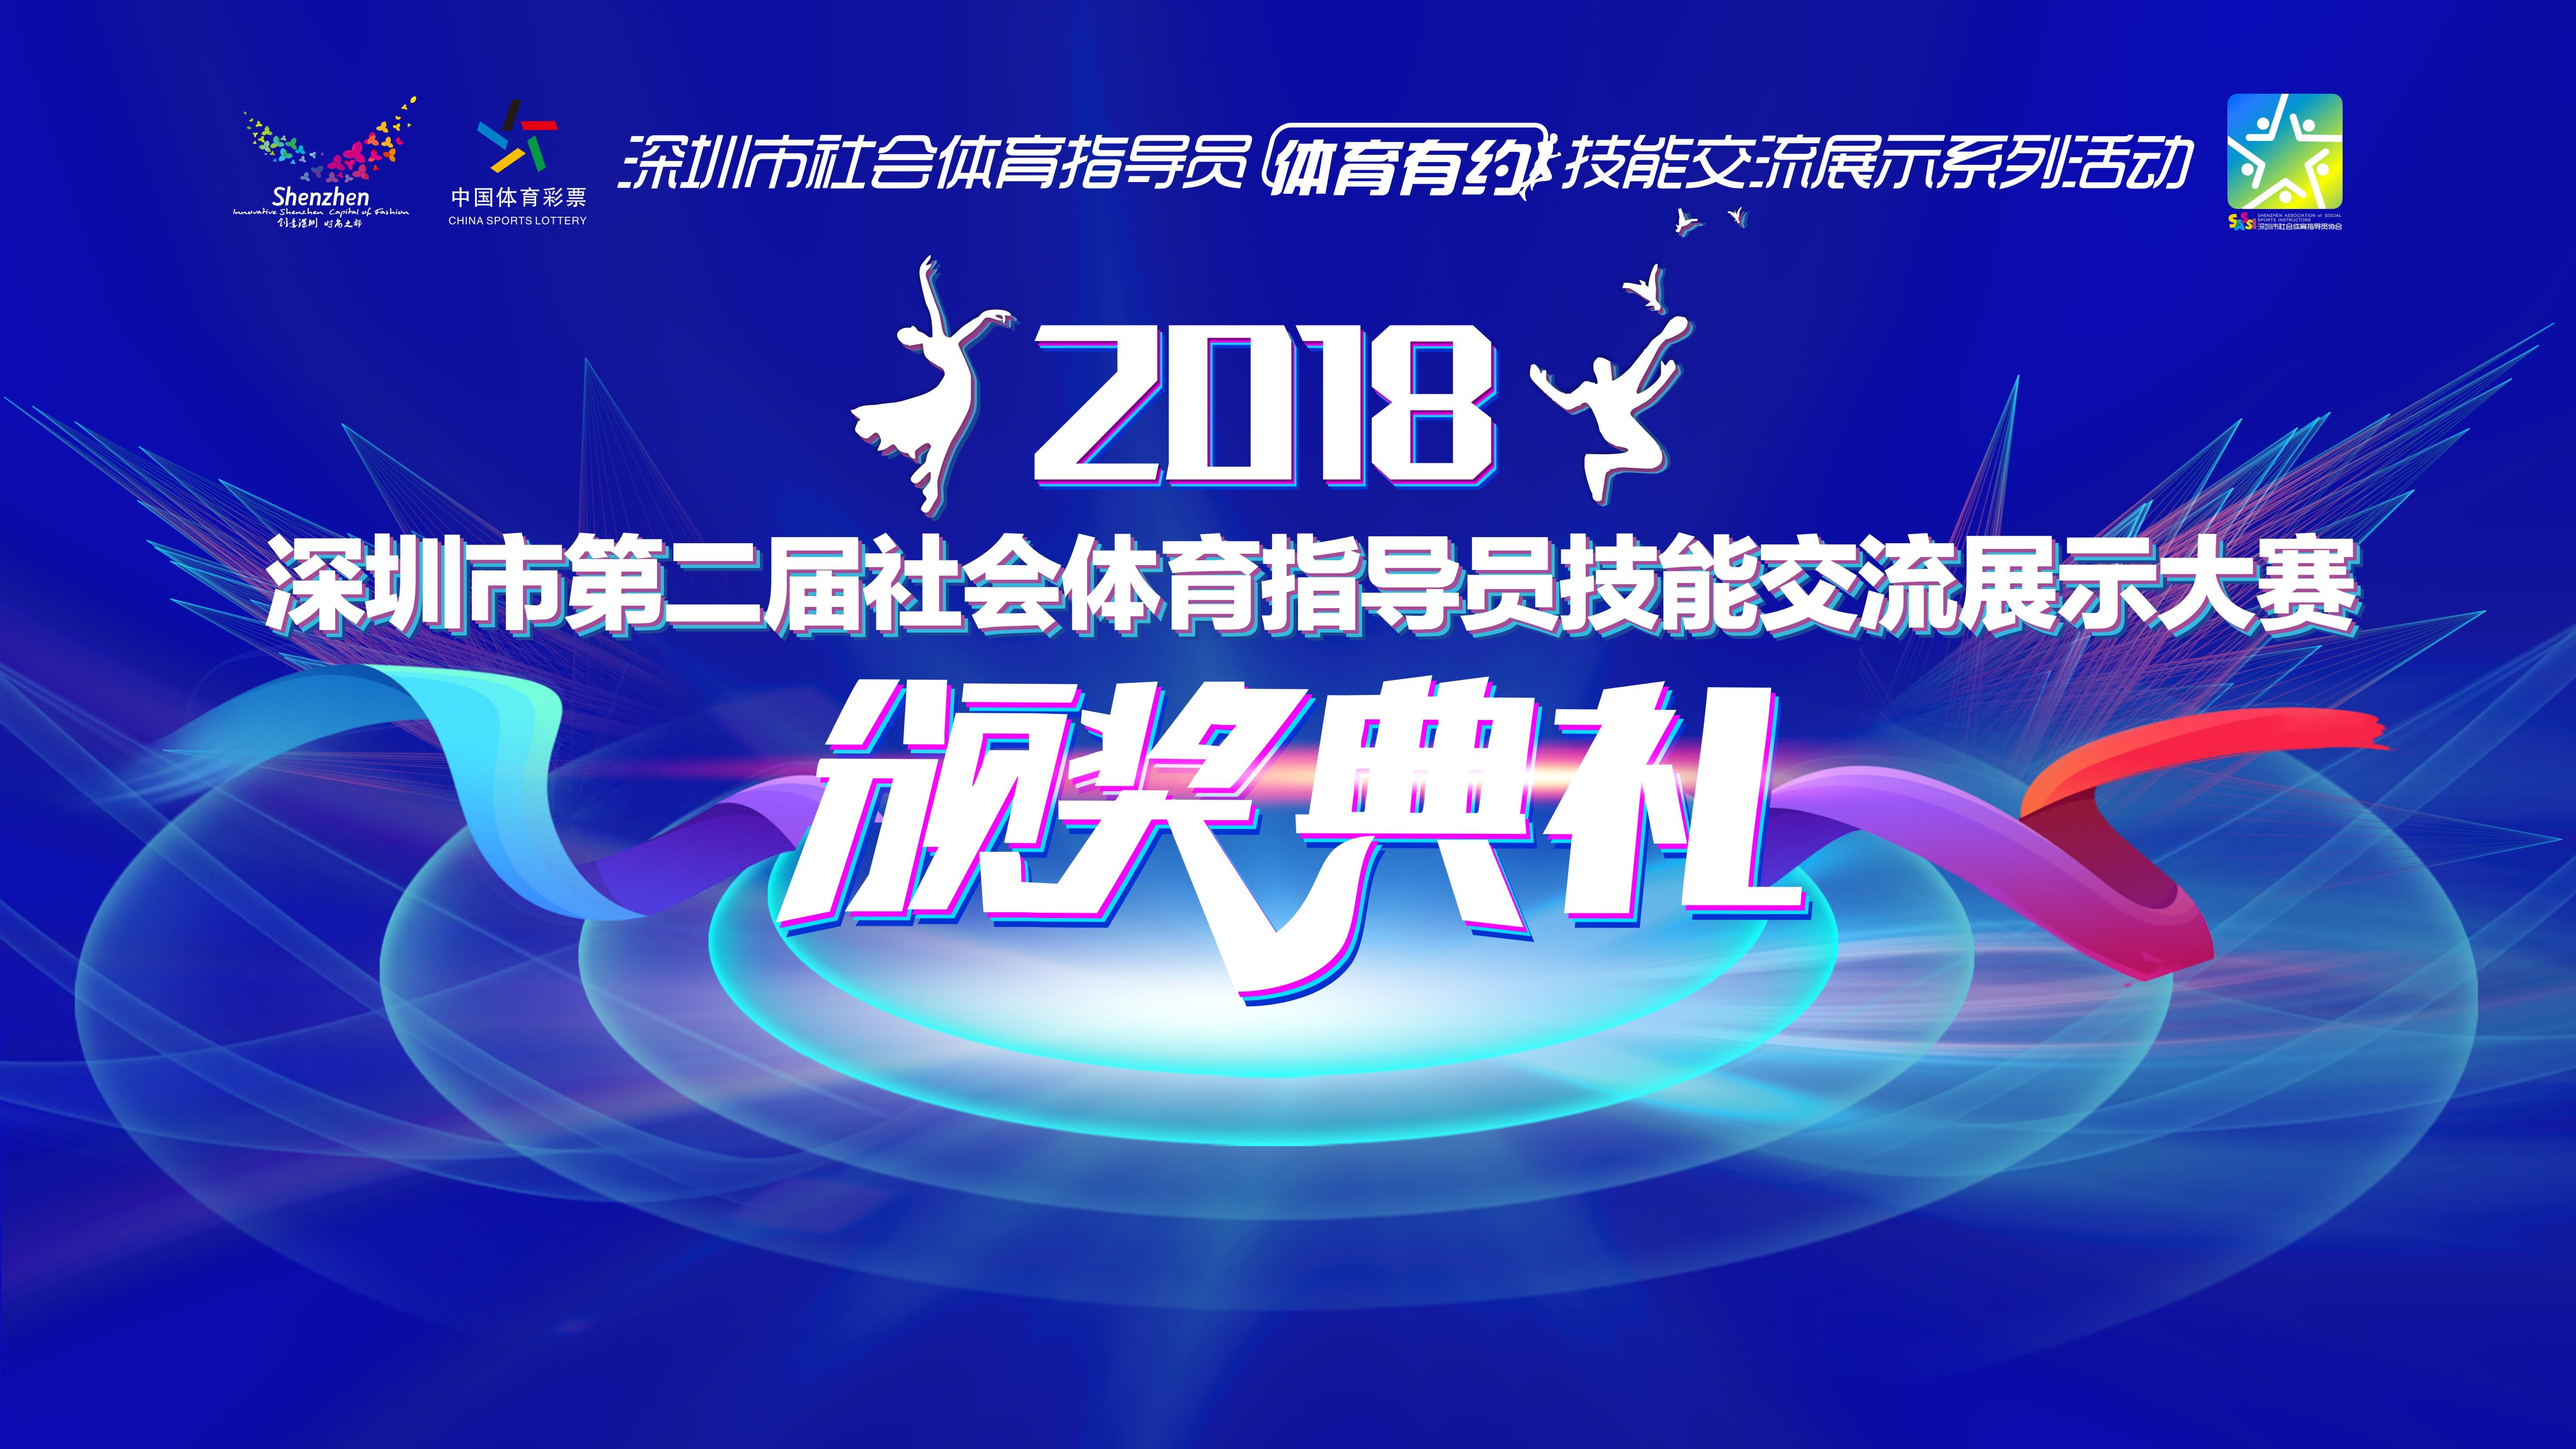 深圳市第二届社会体育指导员技能交流展示大赛颁奖典礼